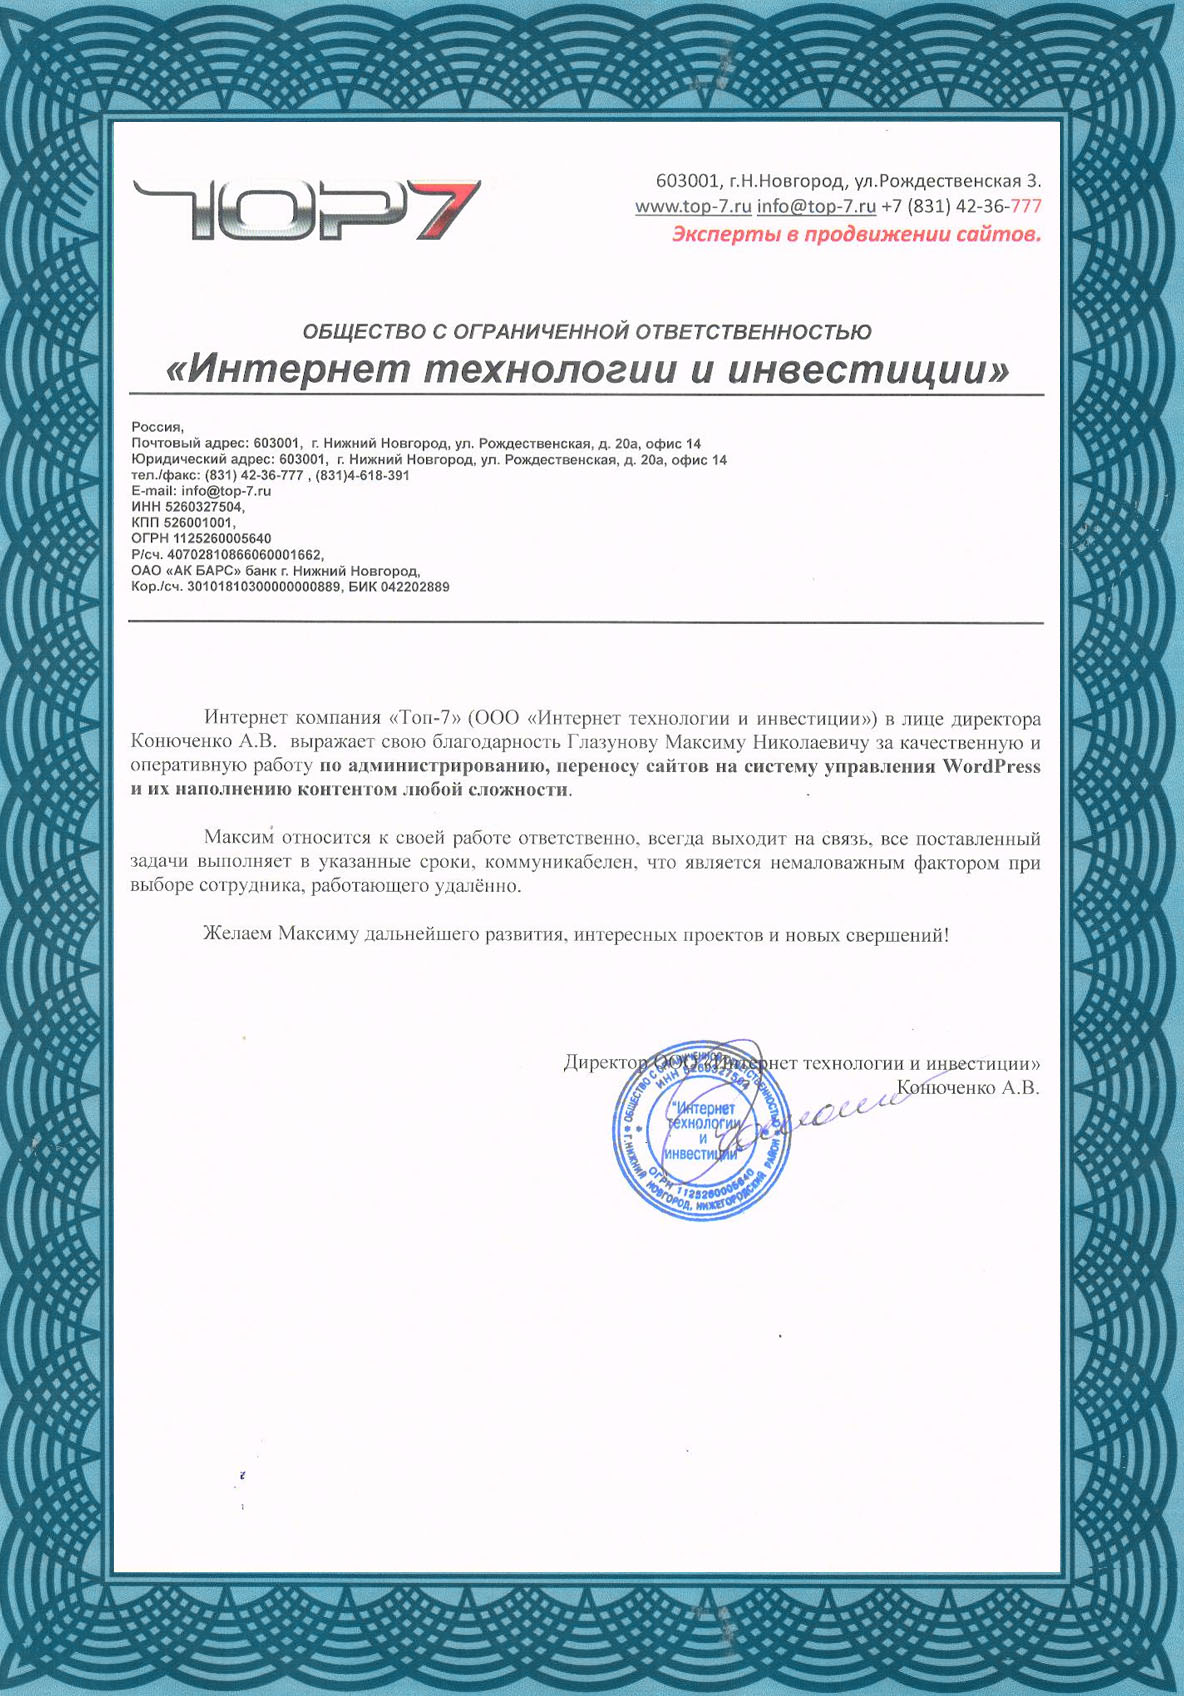 Благодарственное письмо от компании Топ-7 Глазунову М.Н.